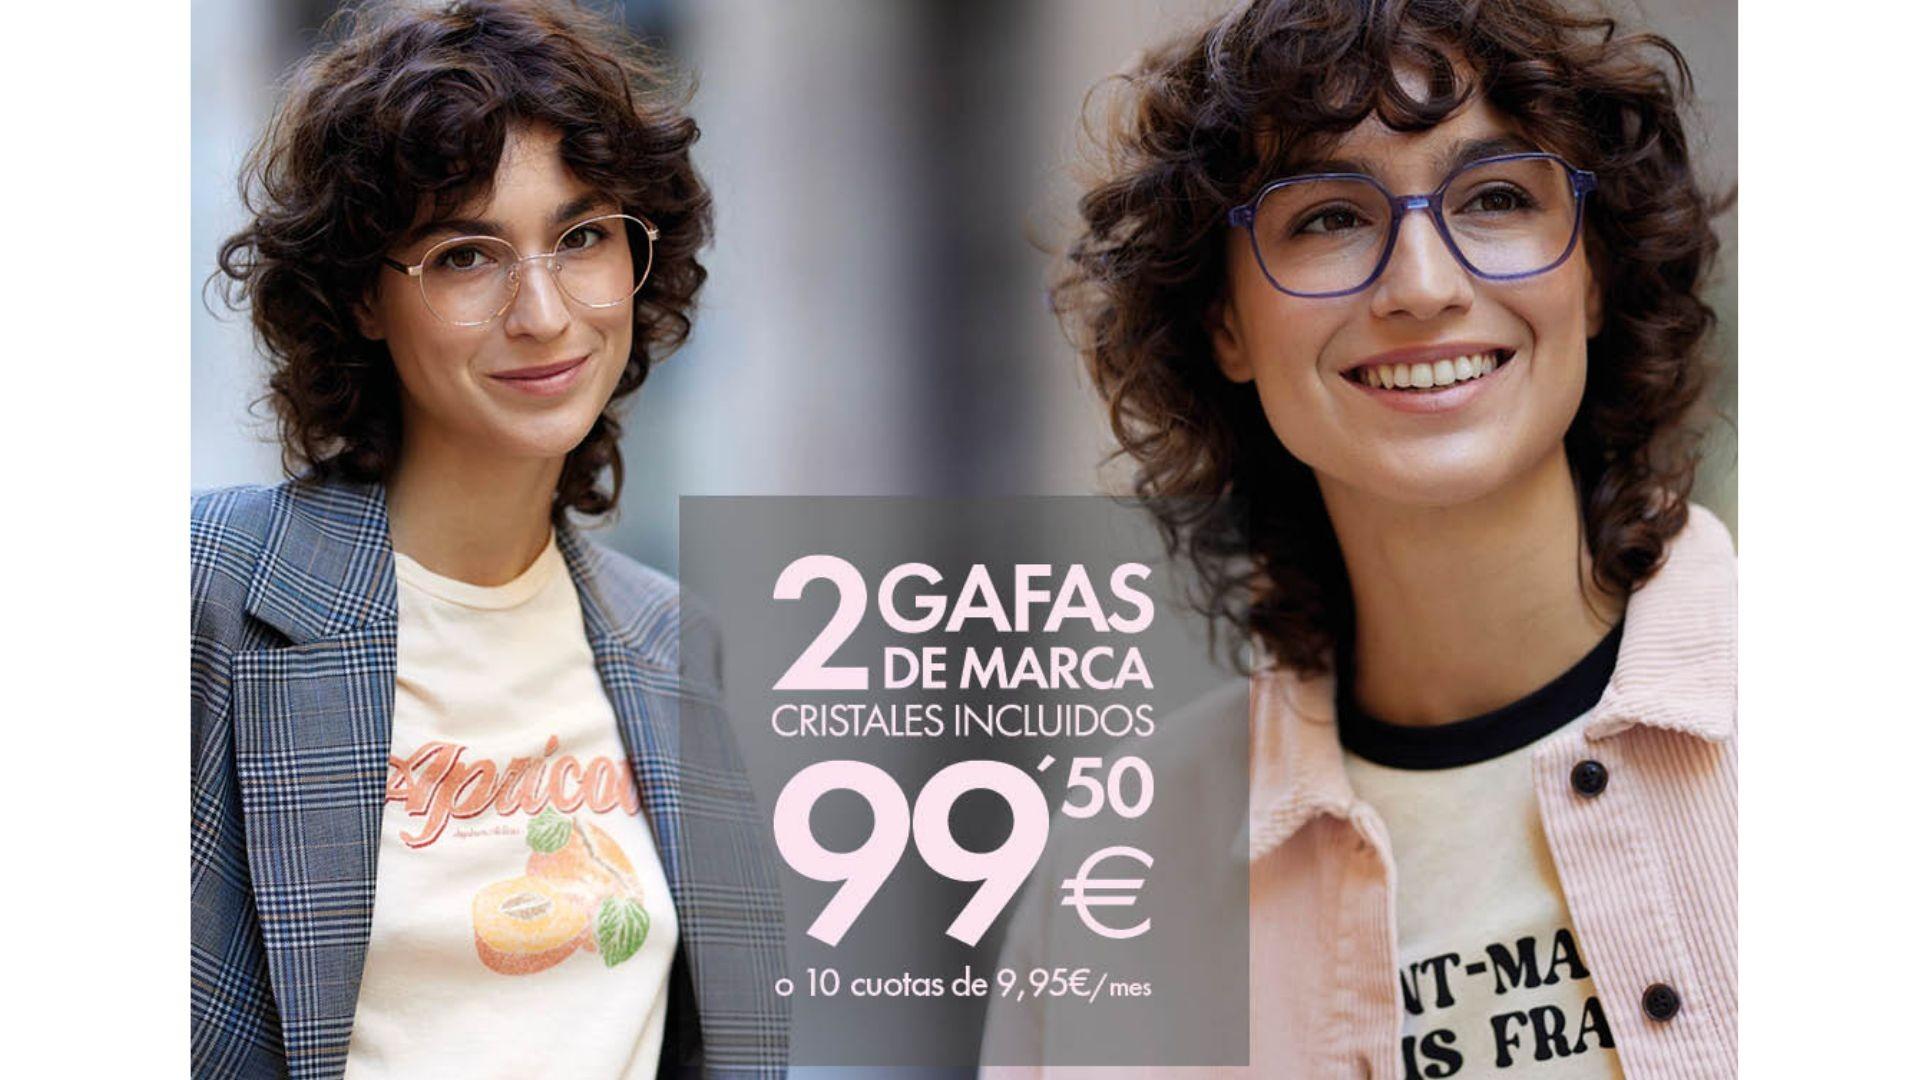 2 GAFAS POR 99,50€ OPTICALIA TORRELAGUNA